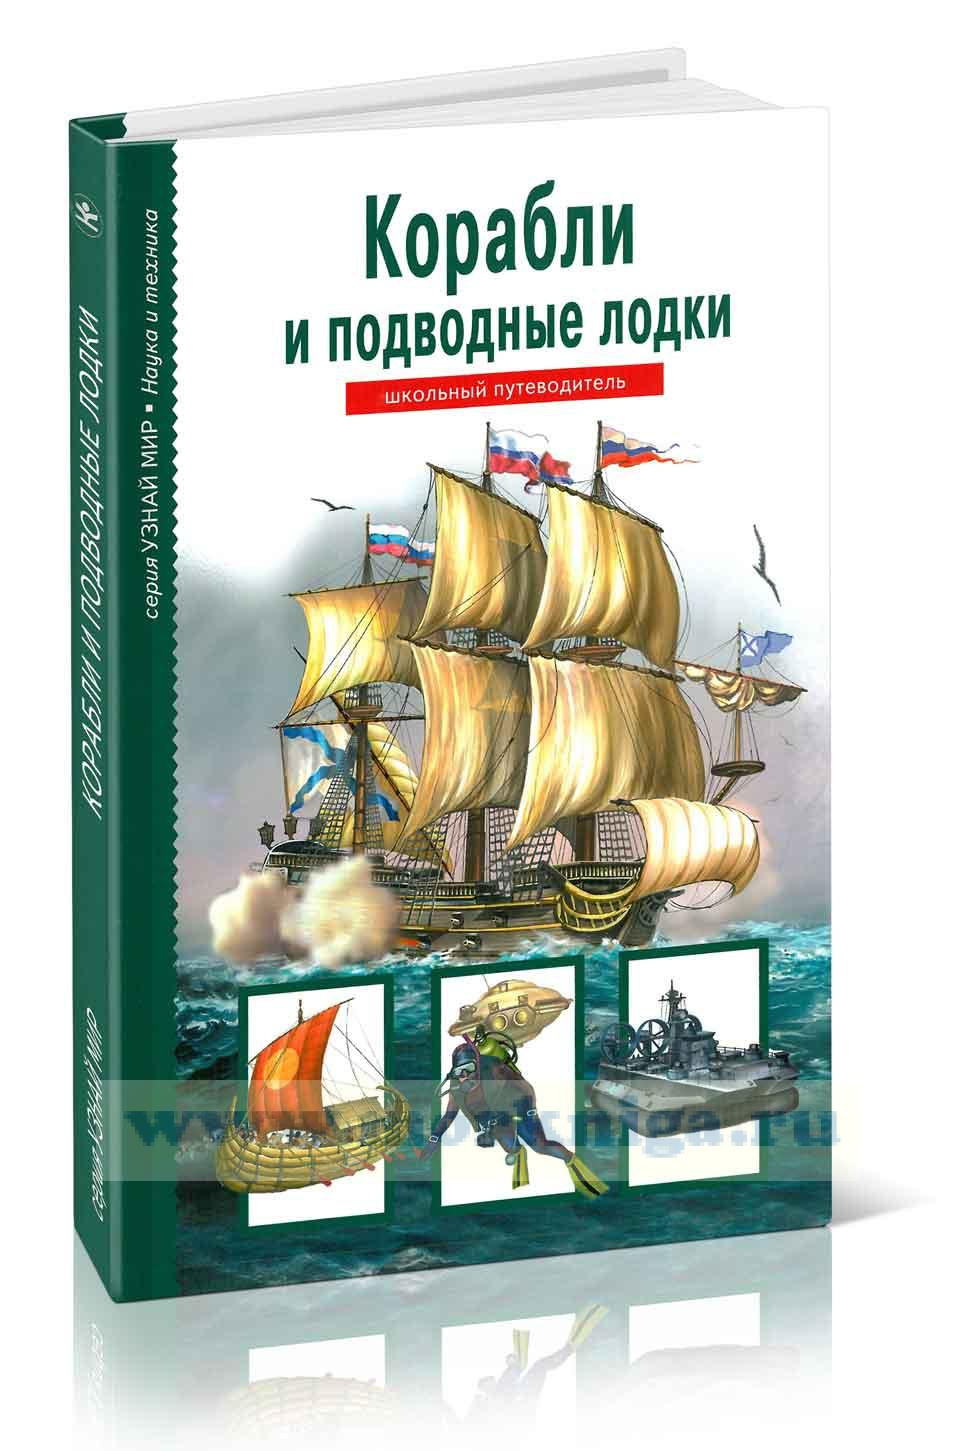 Корабли и подводные лодки. Школьный путеводитель